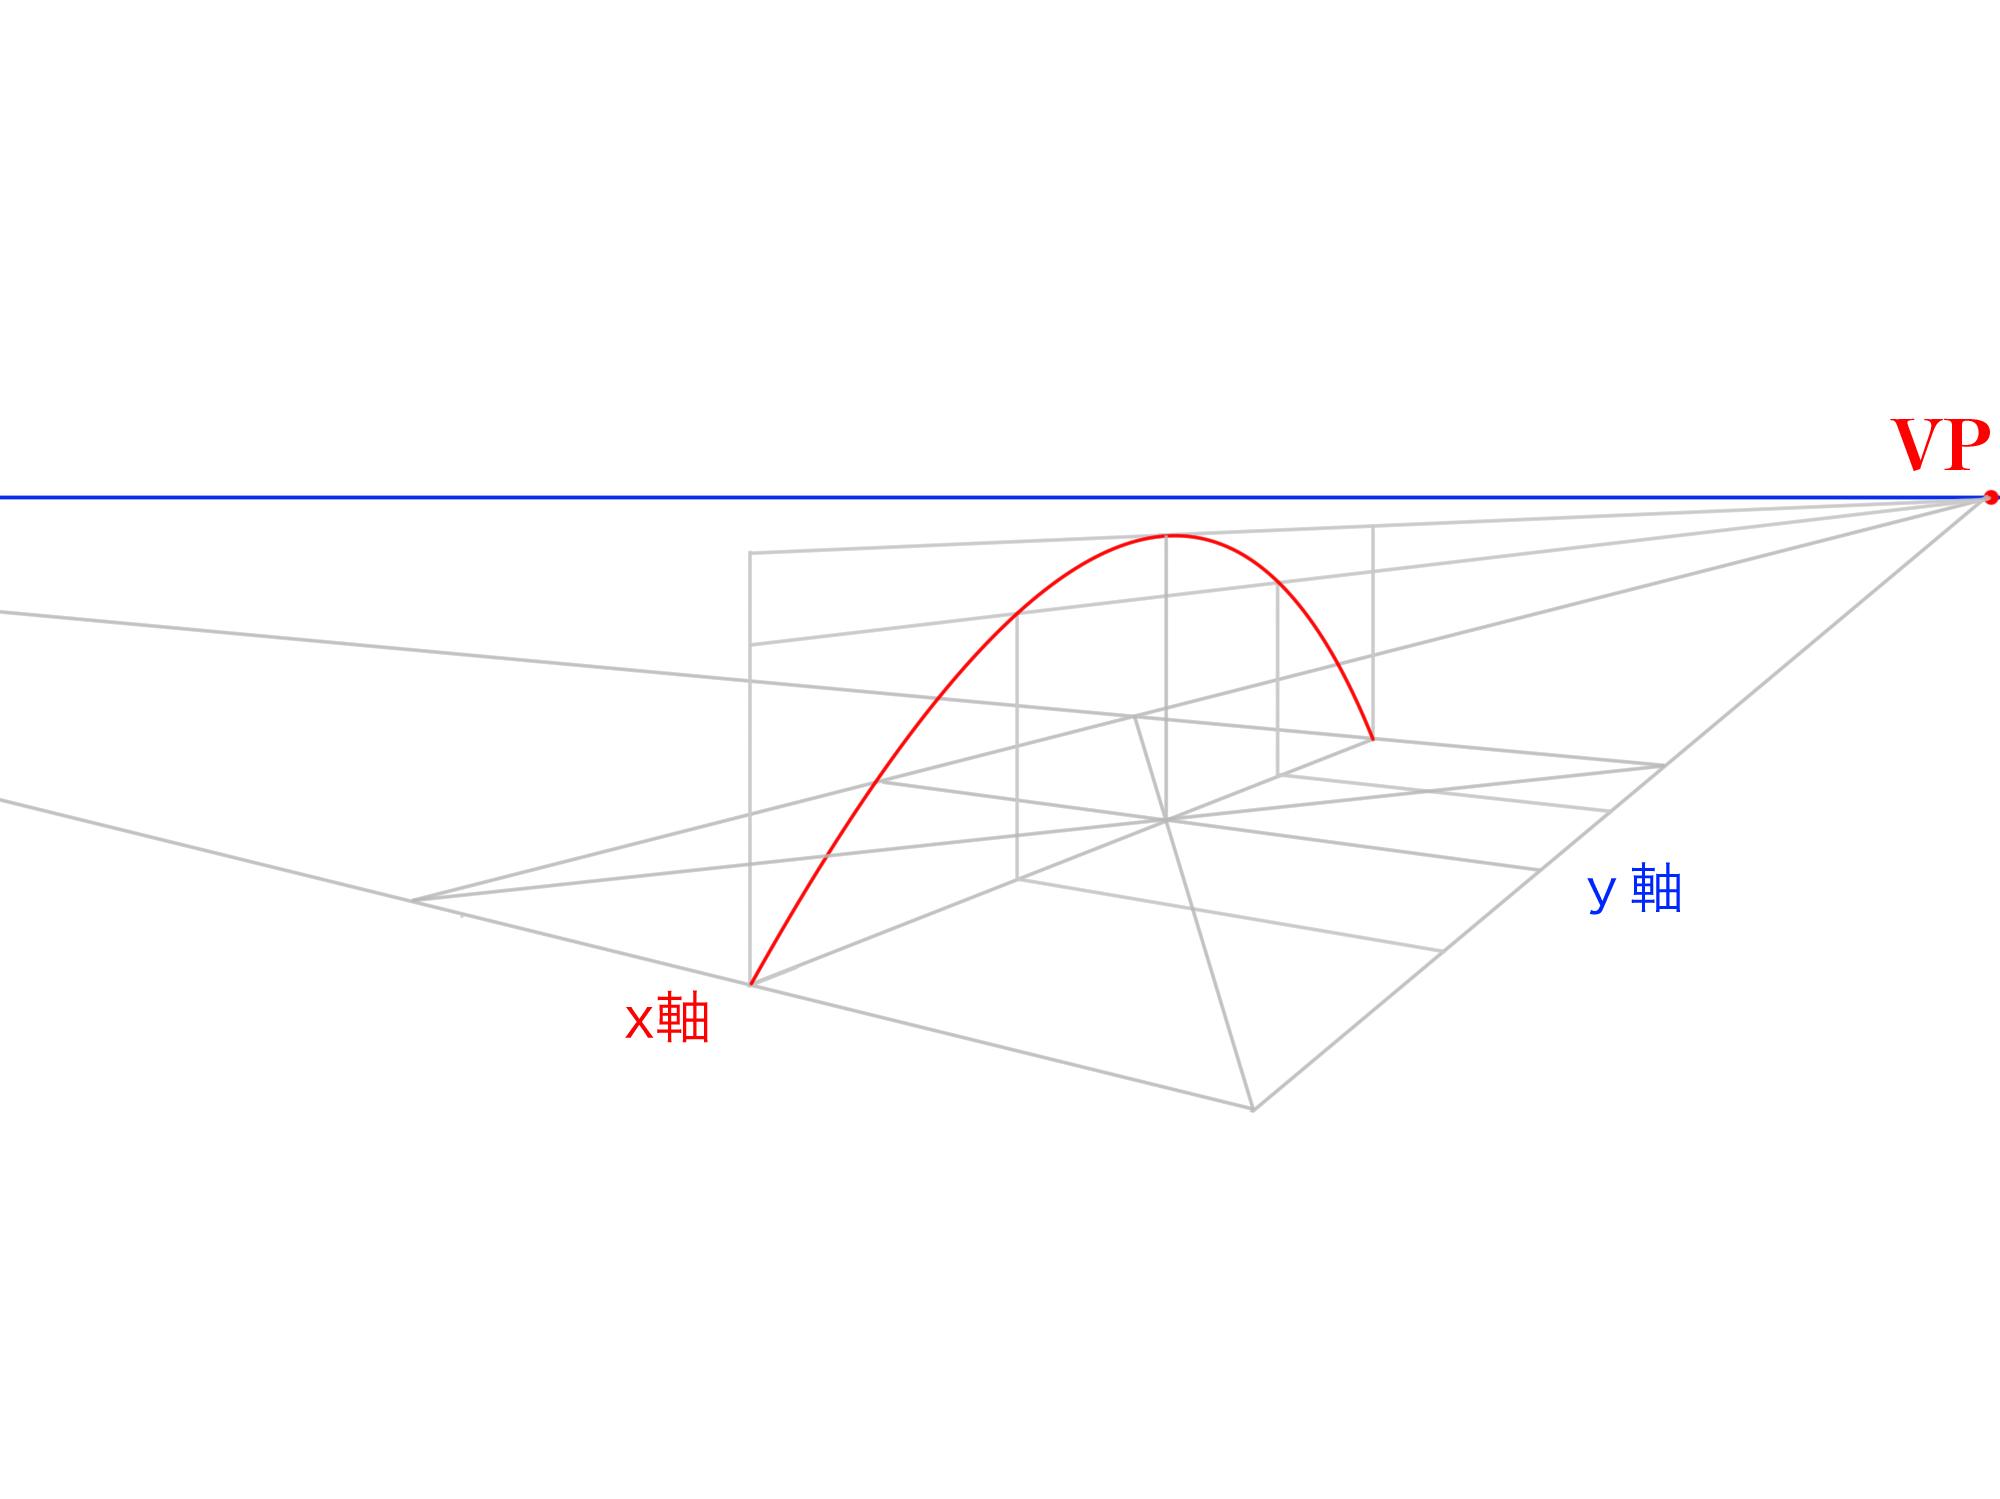 2軸から曲面を描く①